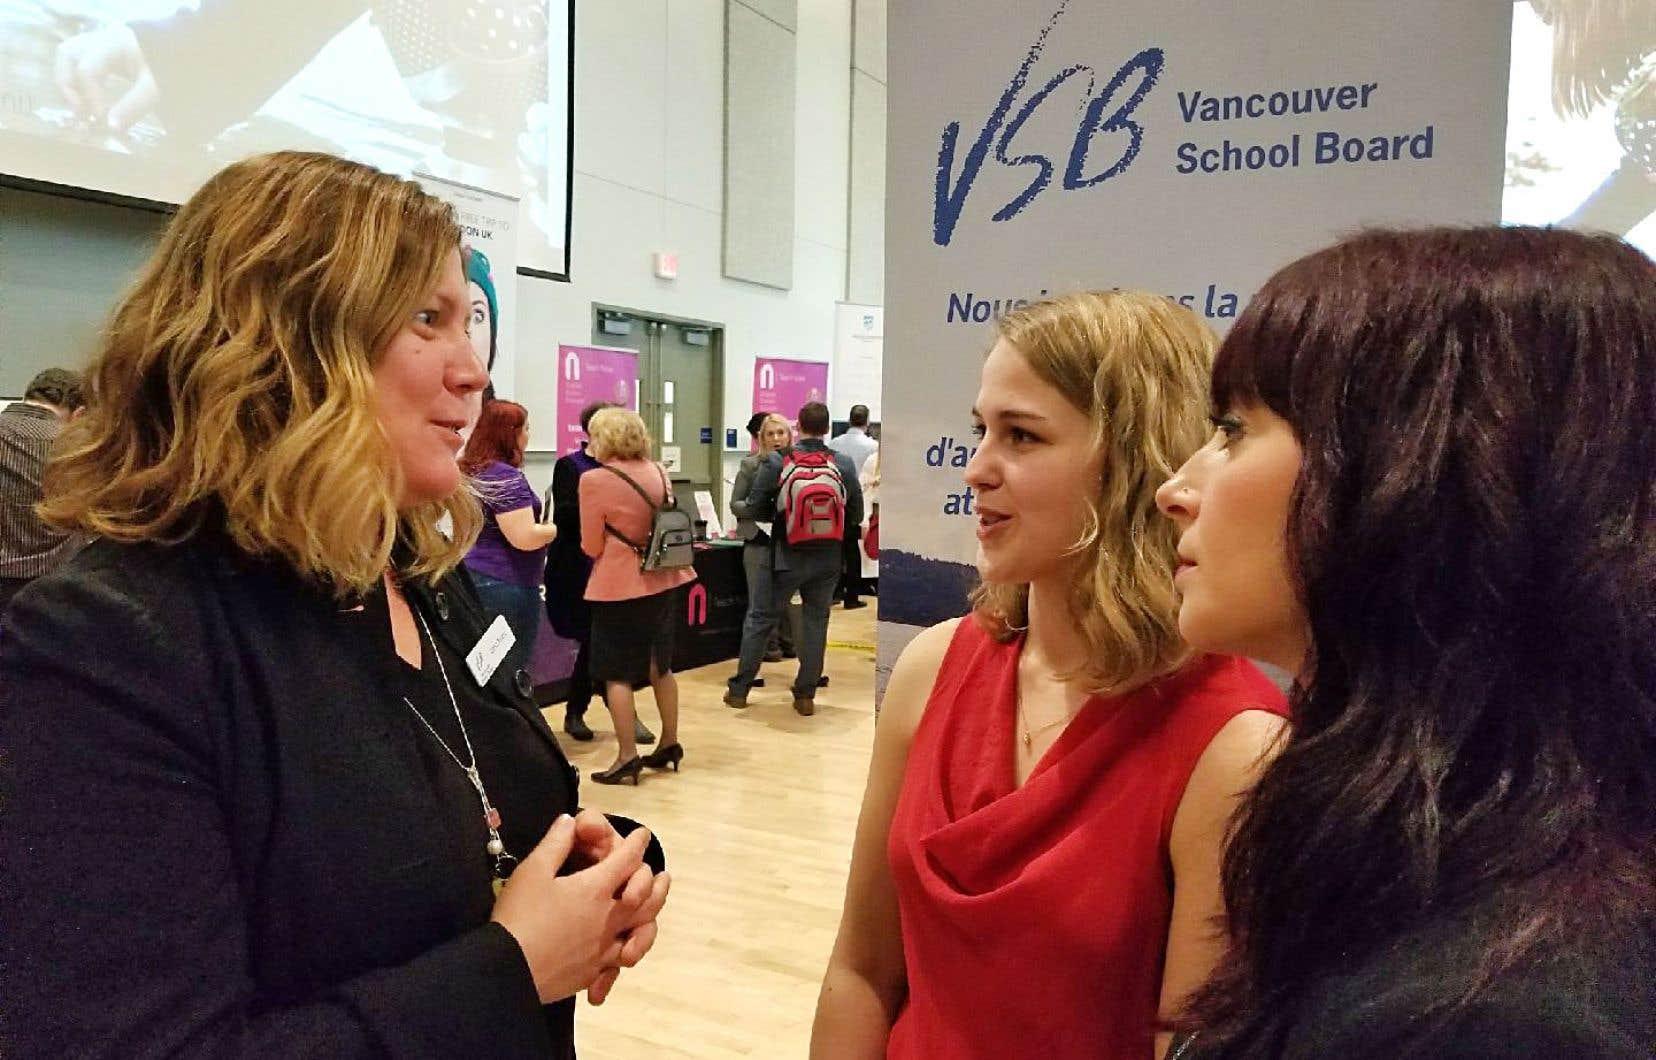 Une représentante du District scolaire de Vancouver avec des candidates lors d'un salon de l'emploi